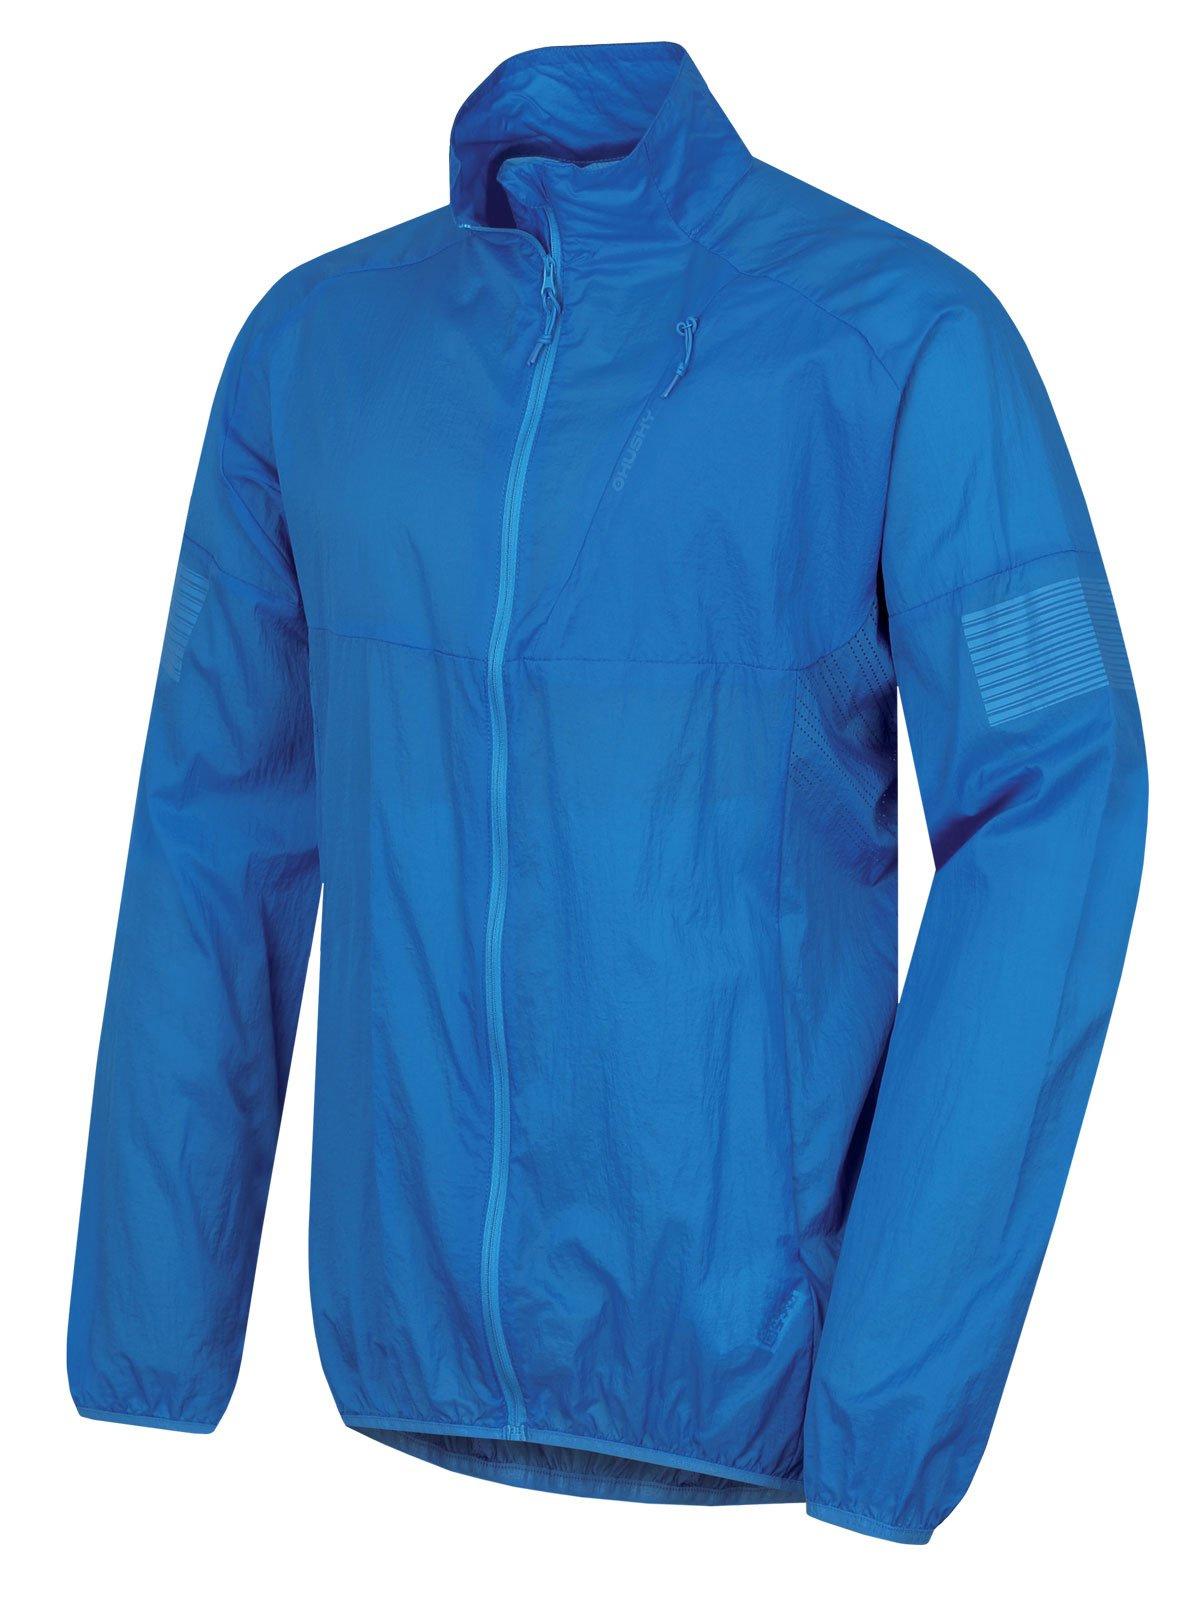 Husky Loco M modrá, M Pánska ultraľahká bunda